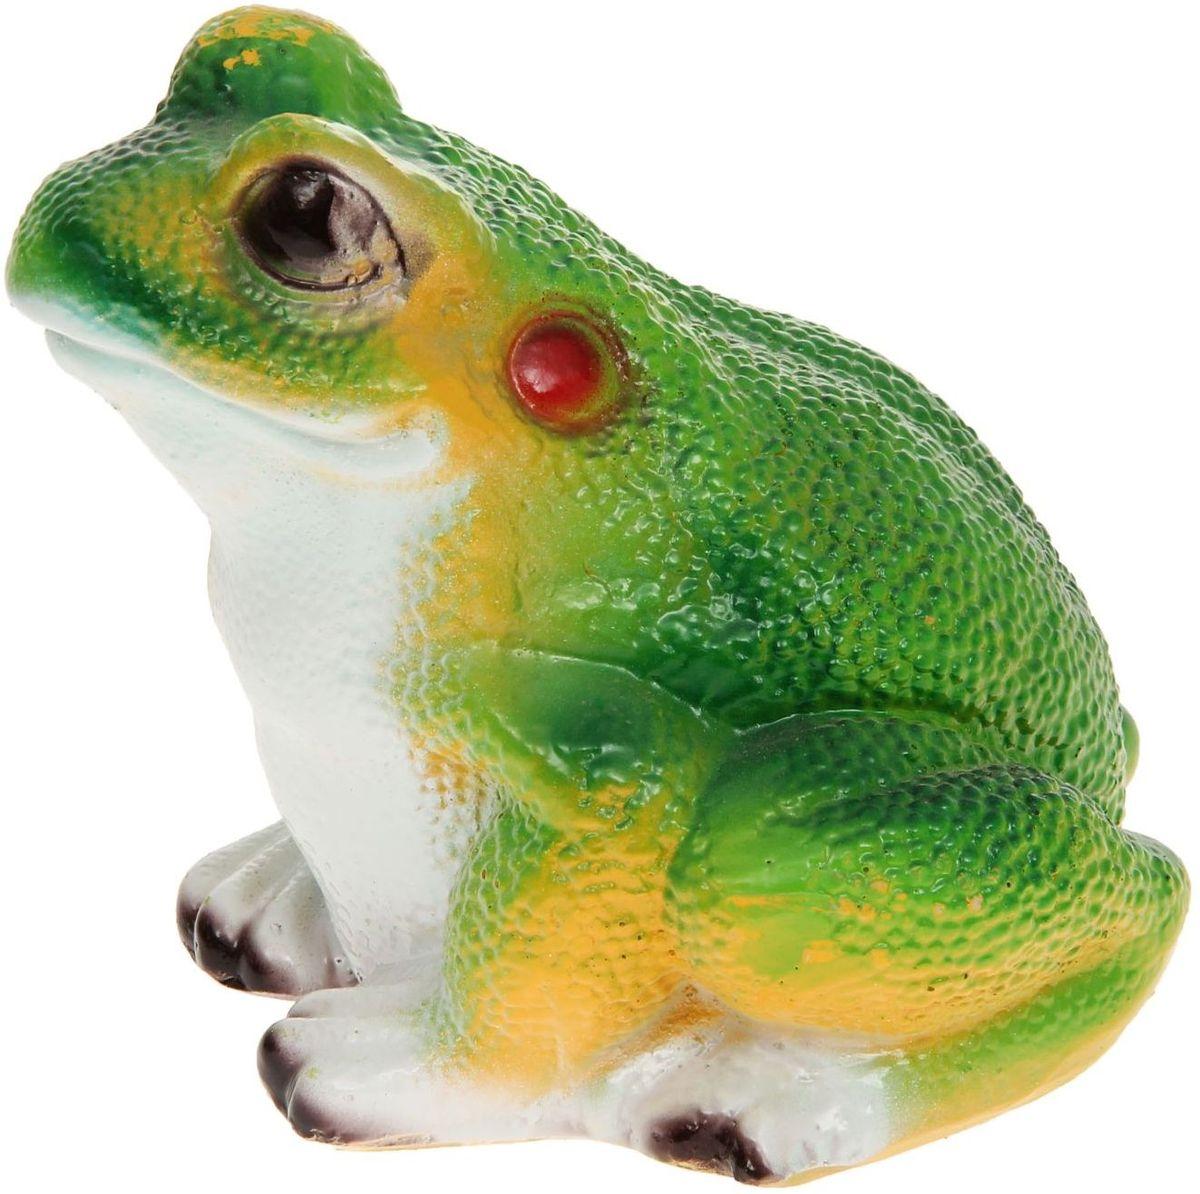 Фигура садовая Лягушонок, 15 х 15 х 18 см1145116Забавные лягушки добавят новые краски в ландшафт сада. Красочная садовая фигура легко расставит нужные акценты: приманит взор к водоему или привлечет внимание к цветочной клумбе. Гармоничнее всего лягушата сморятся в местах своего природного обитания: располагайте их рядом с водой или в траве. Садовая фигура из полистоуна (искусственного камня) — оптимальное решение для уличных условий. Этот материал не выцветает на солнце, даже если находится под воздействием ультрафиолета круглый год. Искусственный камень имеет низкую пористость, поэтому ему не страшна влага и на нем не появятся трещины. Садовая фигура будет хранить красоту сада долгие годы.